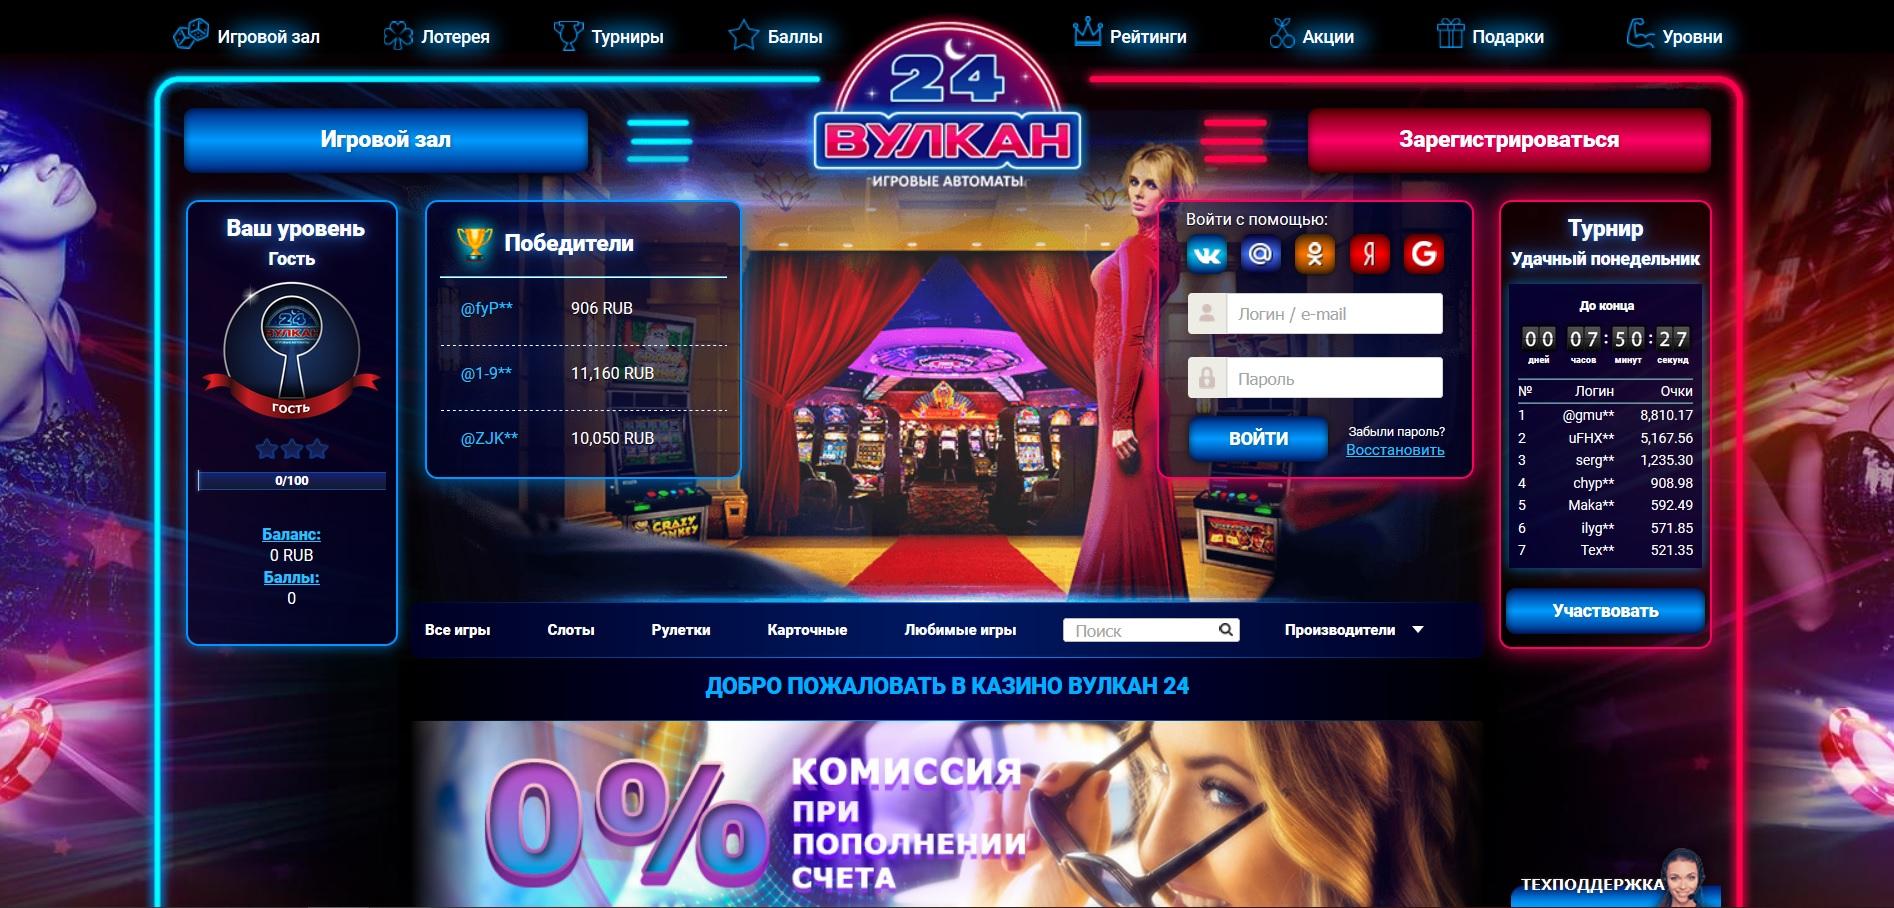 казино вулкан 24 официальный сайт россия